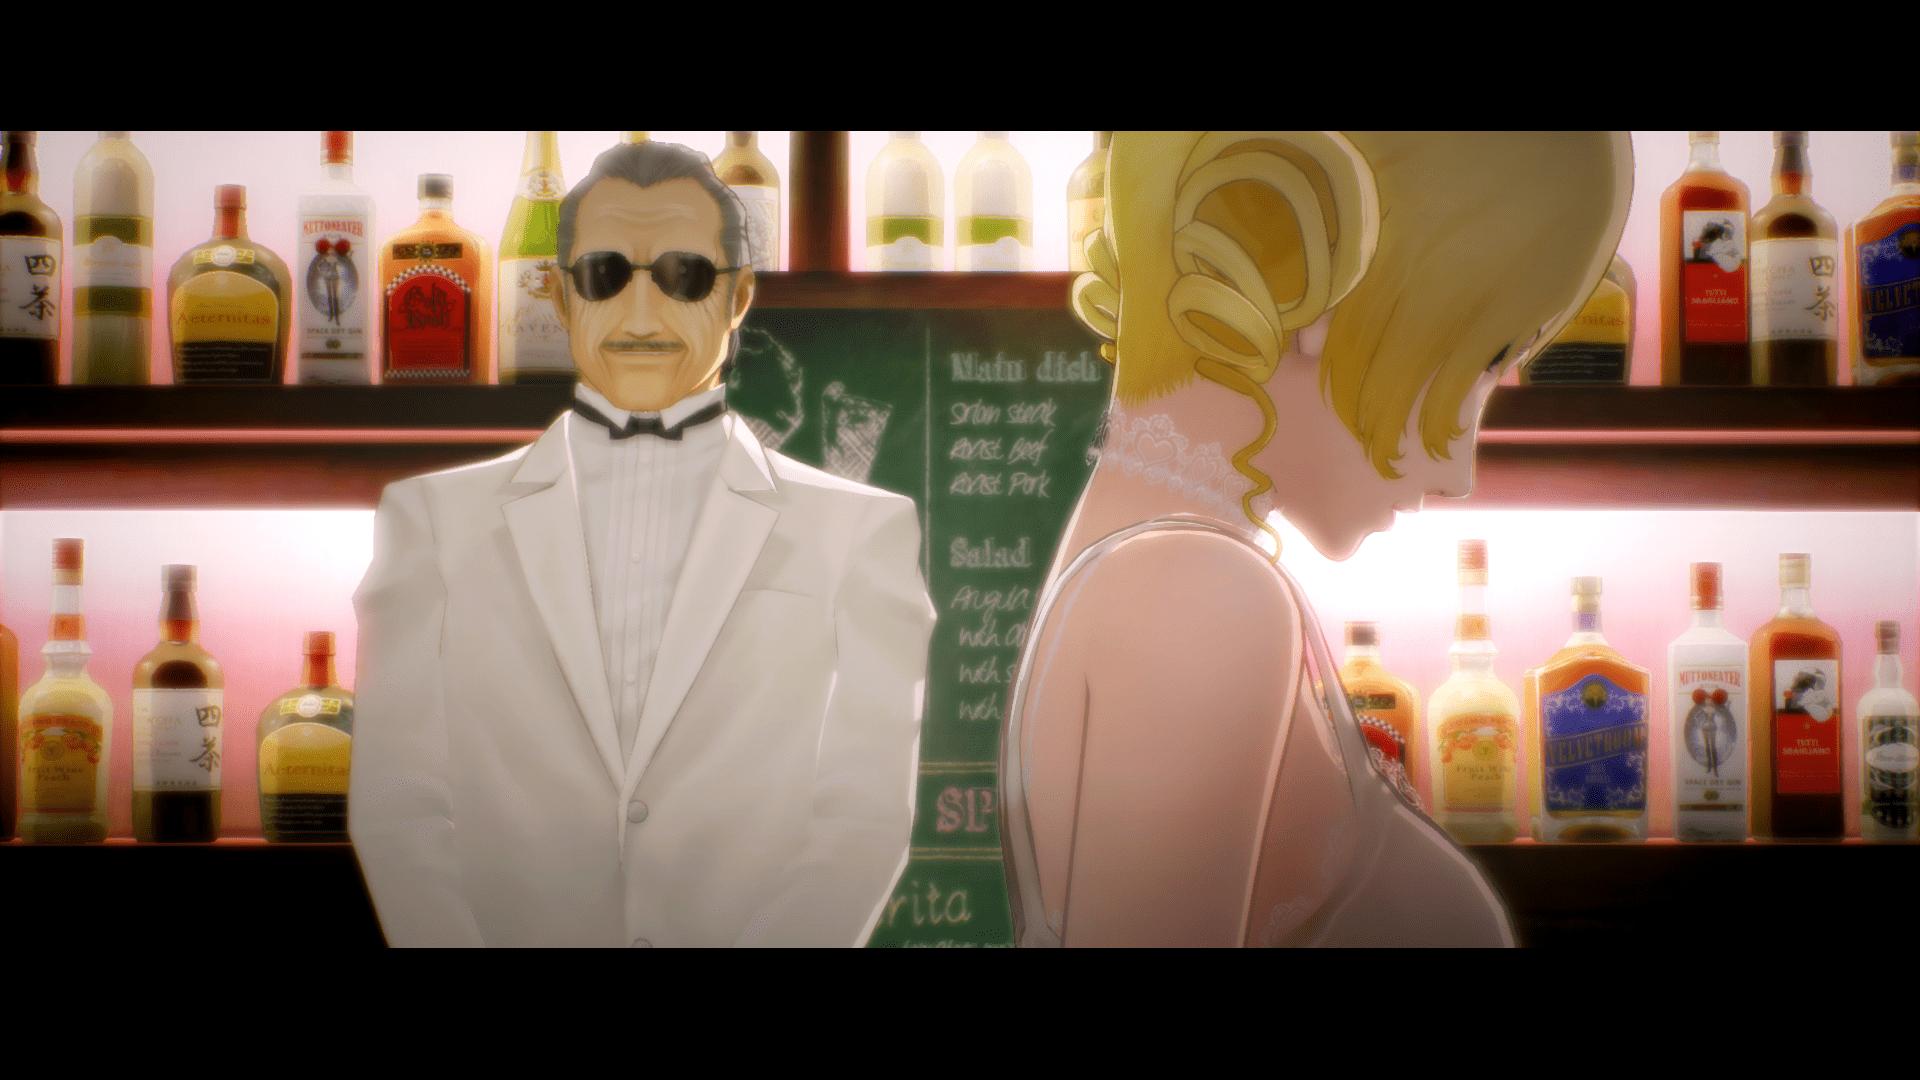 Catherine trefft ihr in der Stammkneipe von Vincent